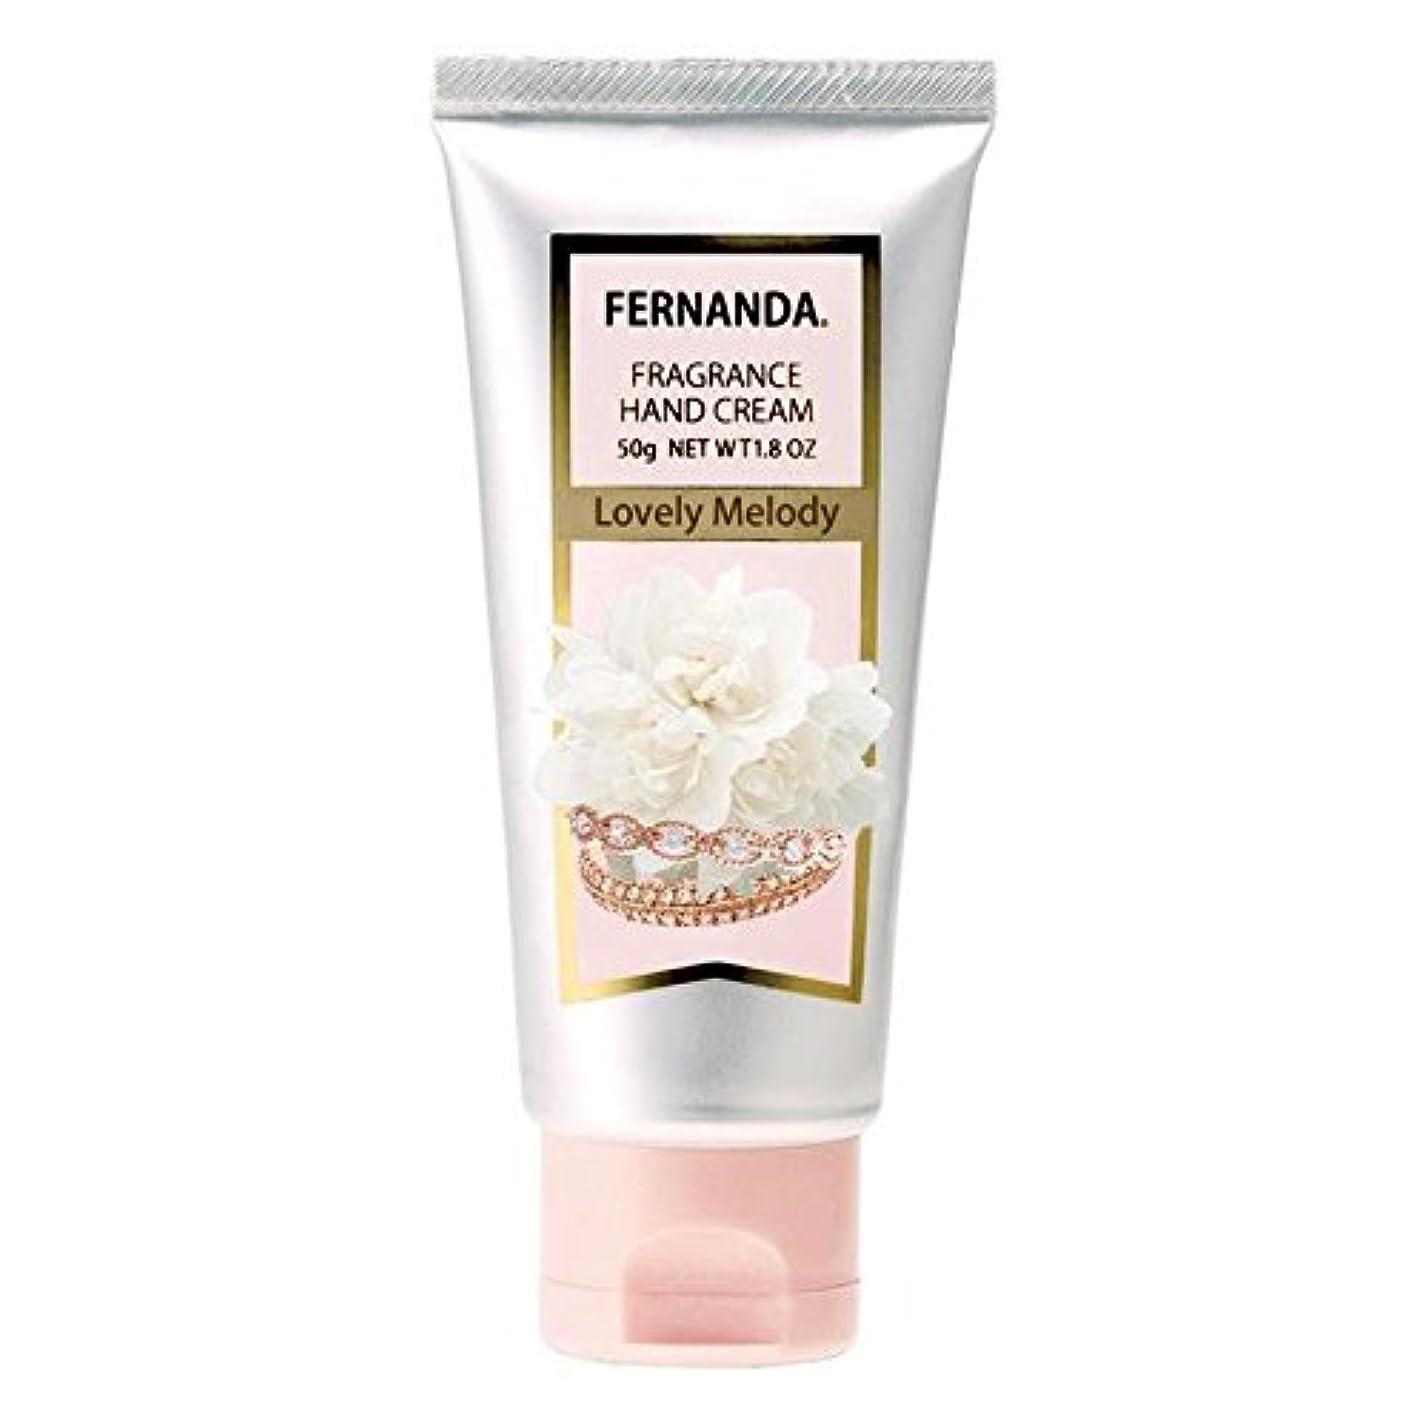 文明化熱狂的な軽食FERNANDA(フェルナンダ) Hand Cream Lovely Melody(ハンドクリーム ラブリーメロディー)